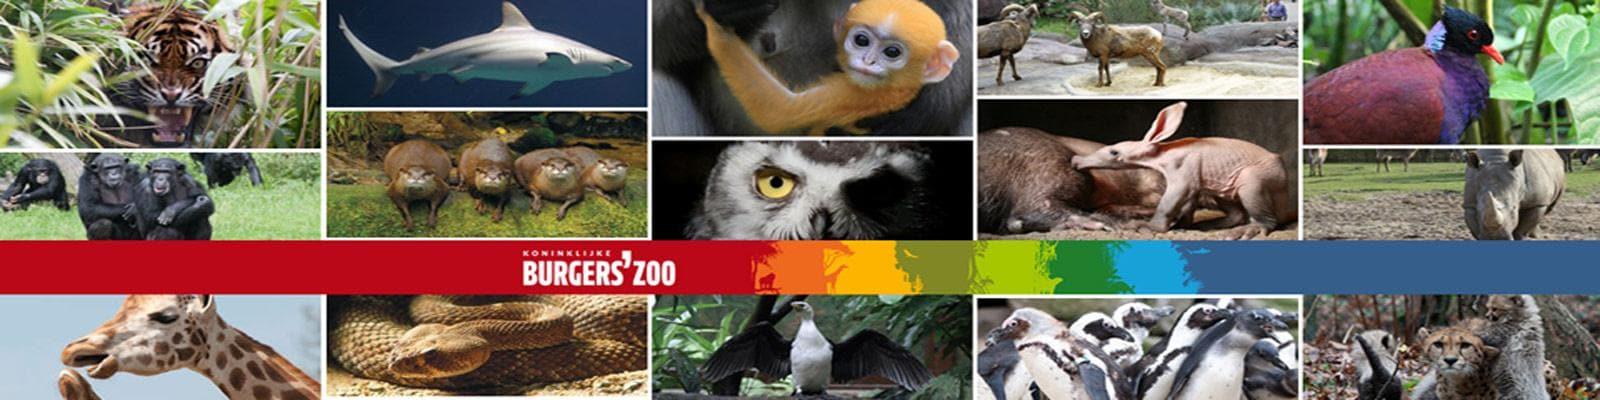 Burgers Zoo dierentuin